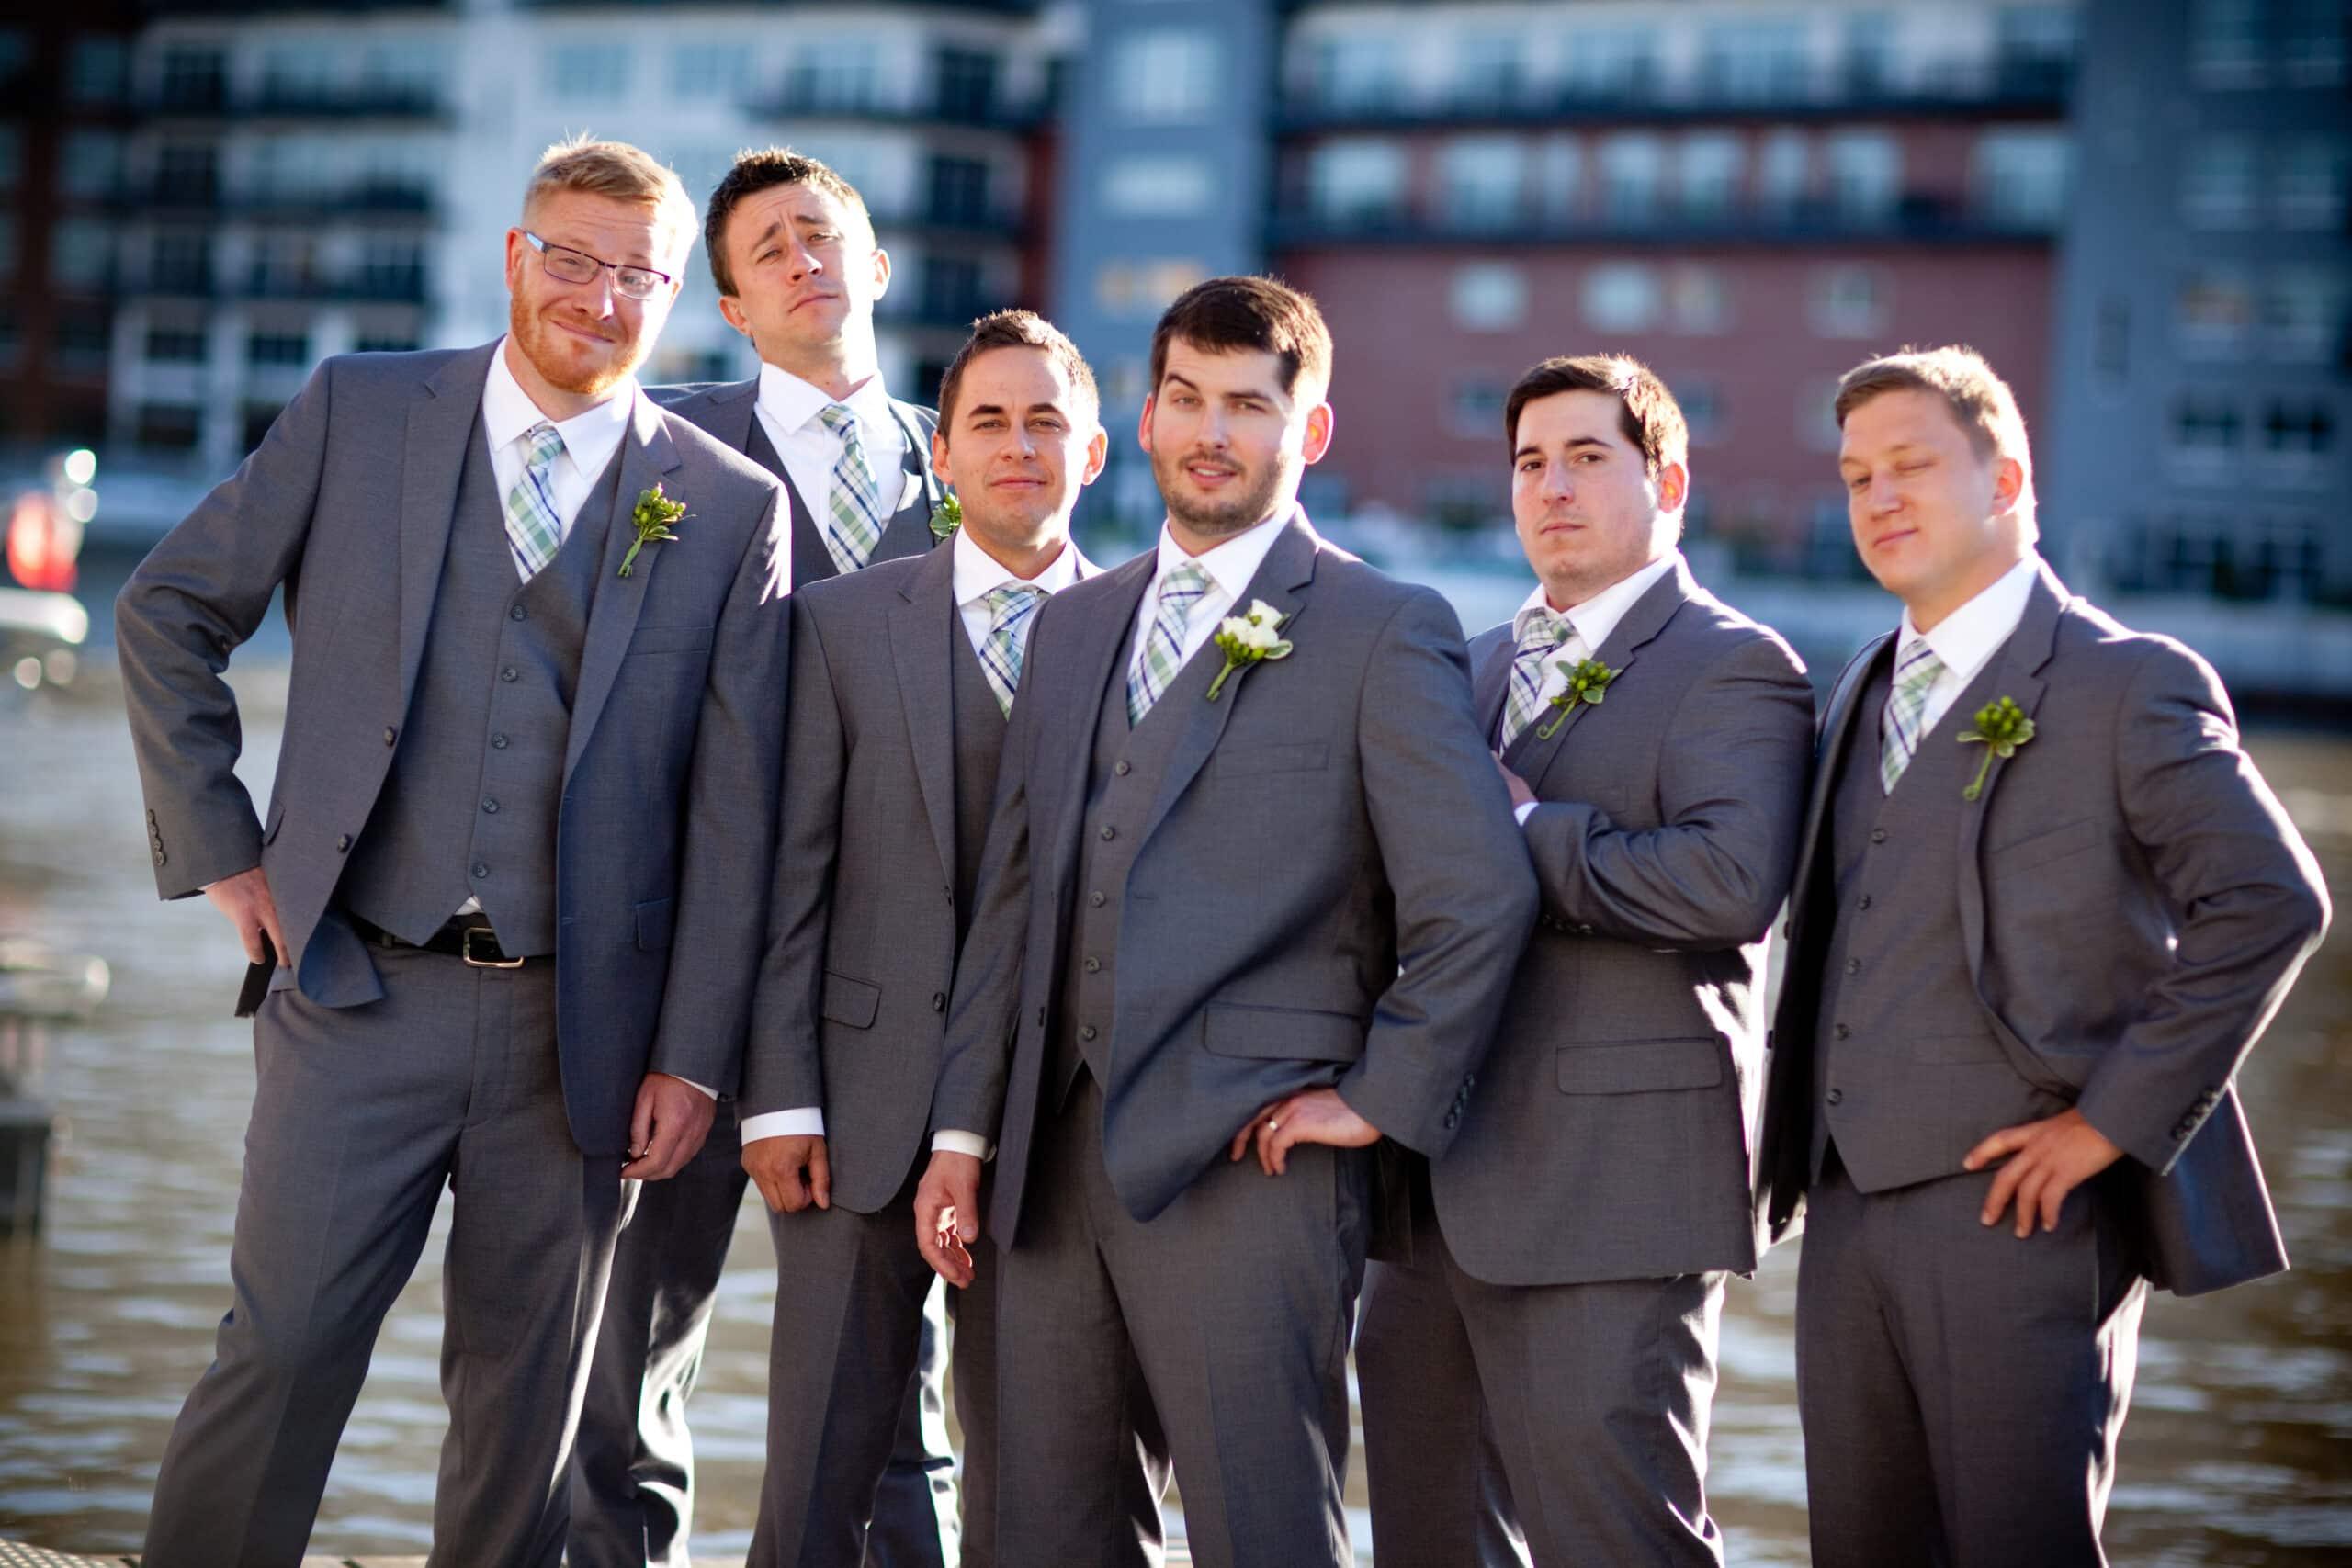 Groomsmen Wedding Photography Milwaukee WI